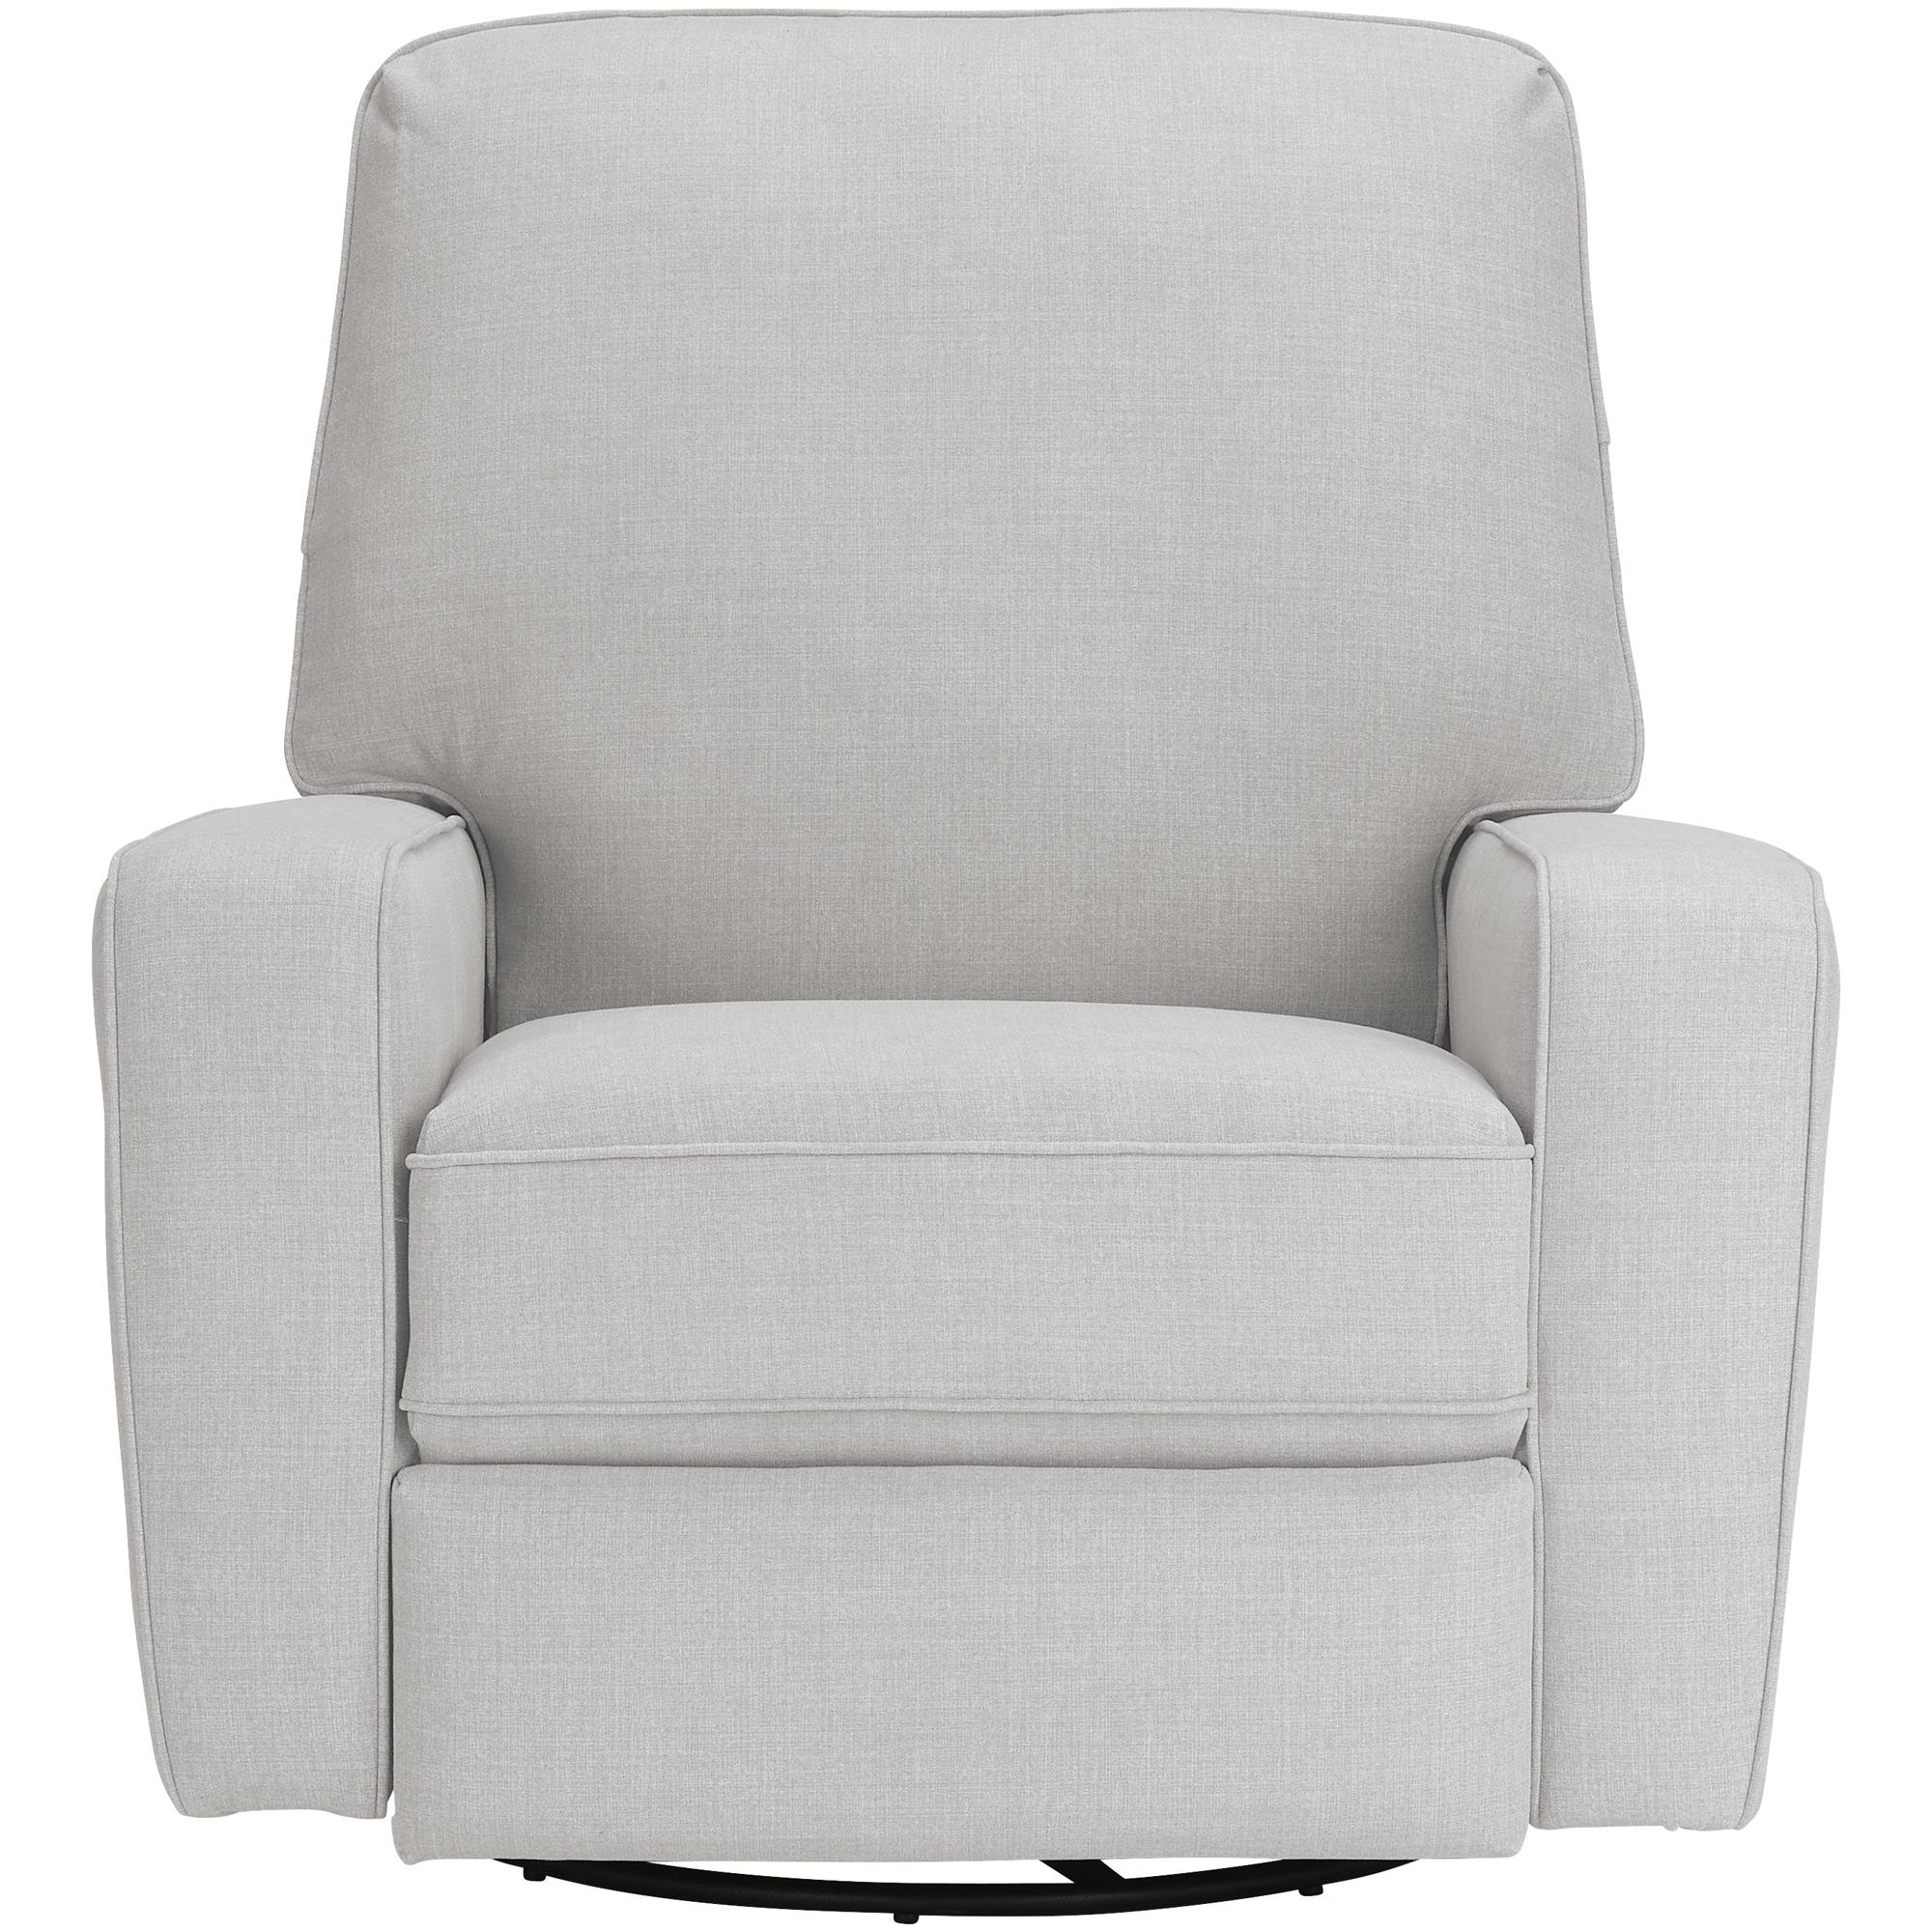 Best Home Furnishings | Bilana Eggshell Swivel Glide Recliner Chair